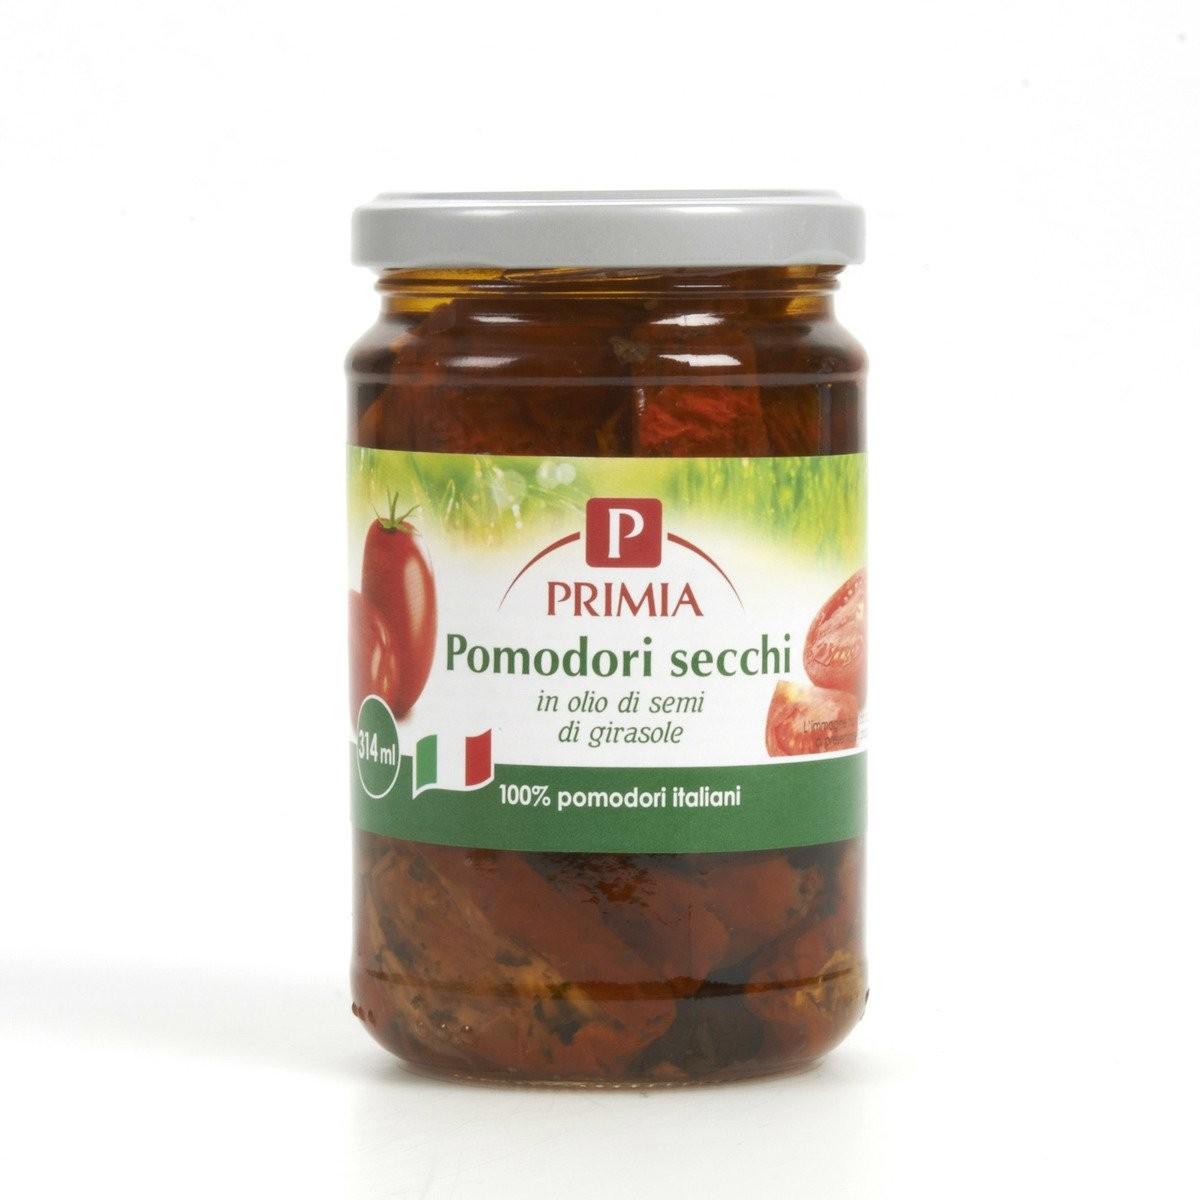 Primia Pomodori secchi